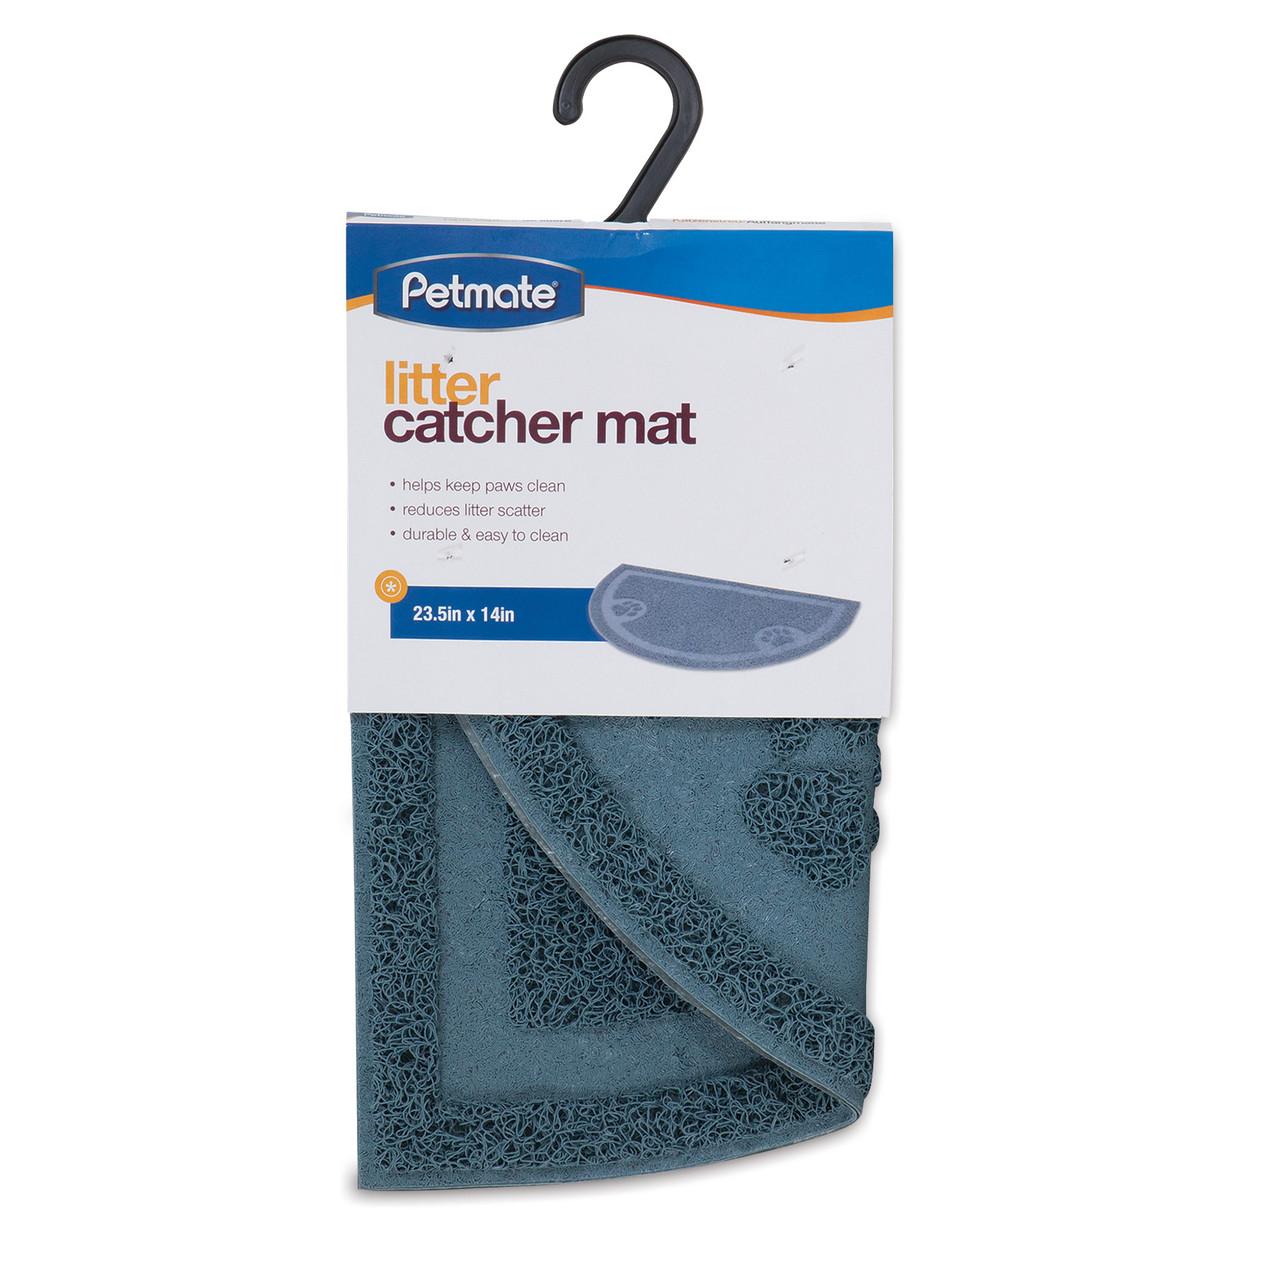 Petmate Litter Catcher Mat 1/2-Circle